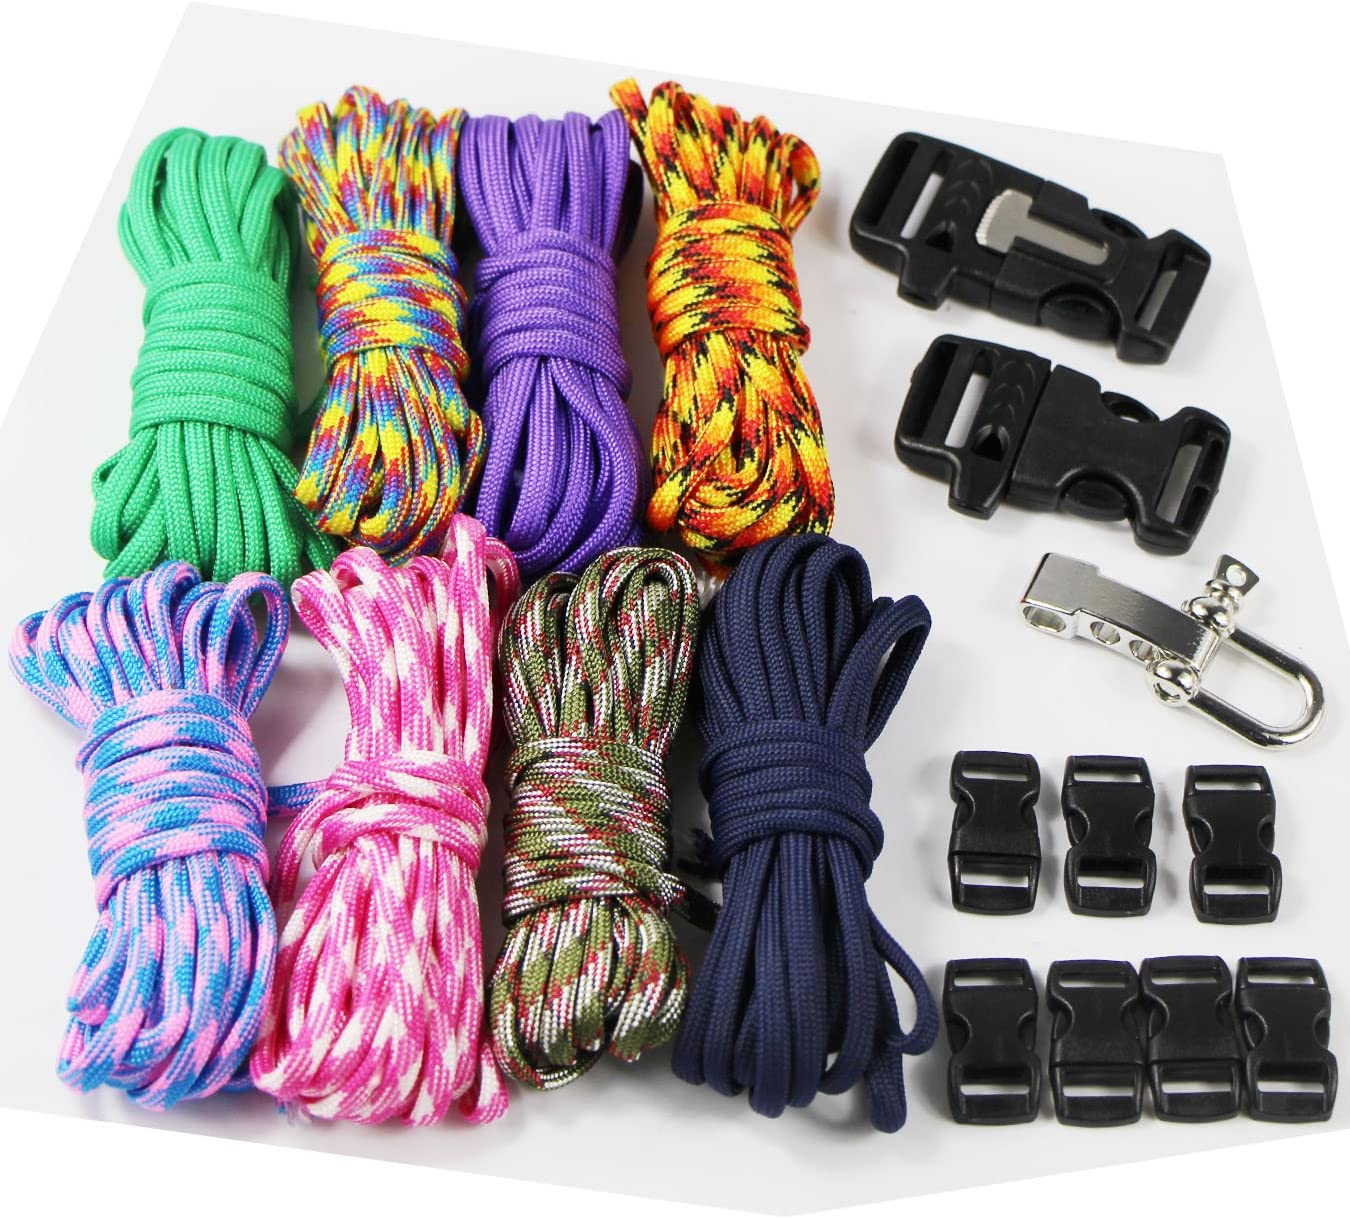 cuerda al aire libre cuerda de supervivencia manual 18 pcs UOOOM Kit con hebillas de pulseras trenzados de paraca/ídas